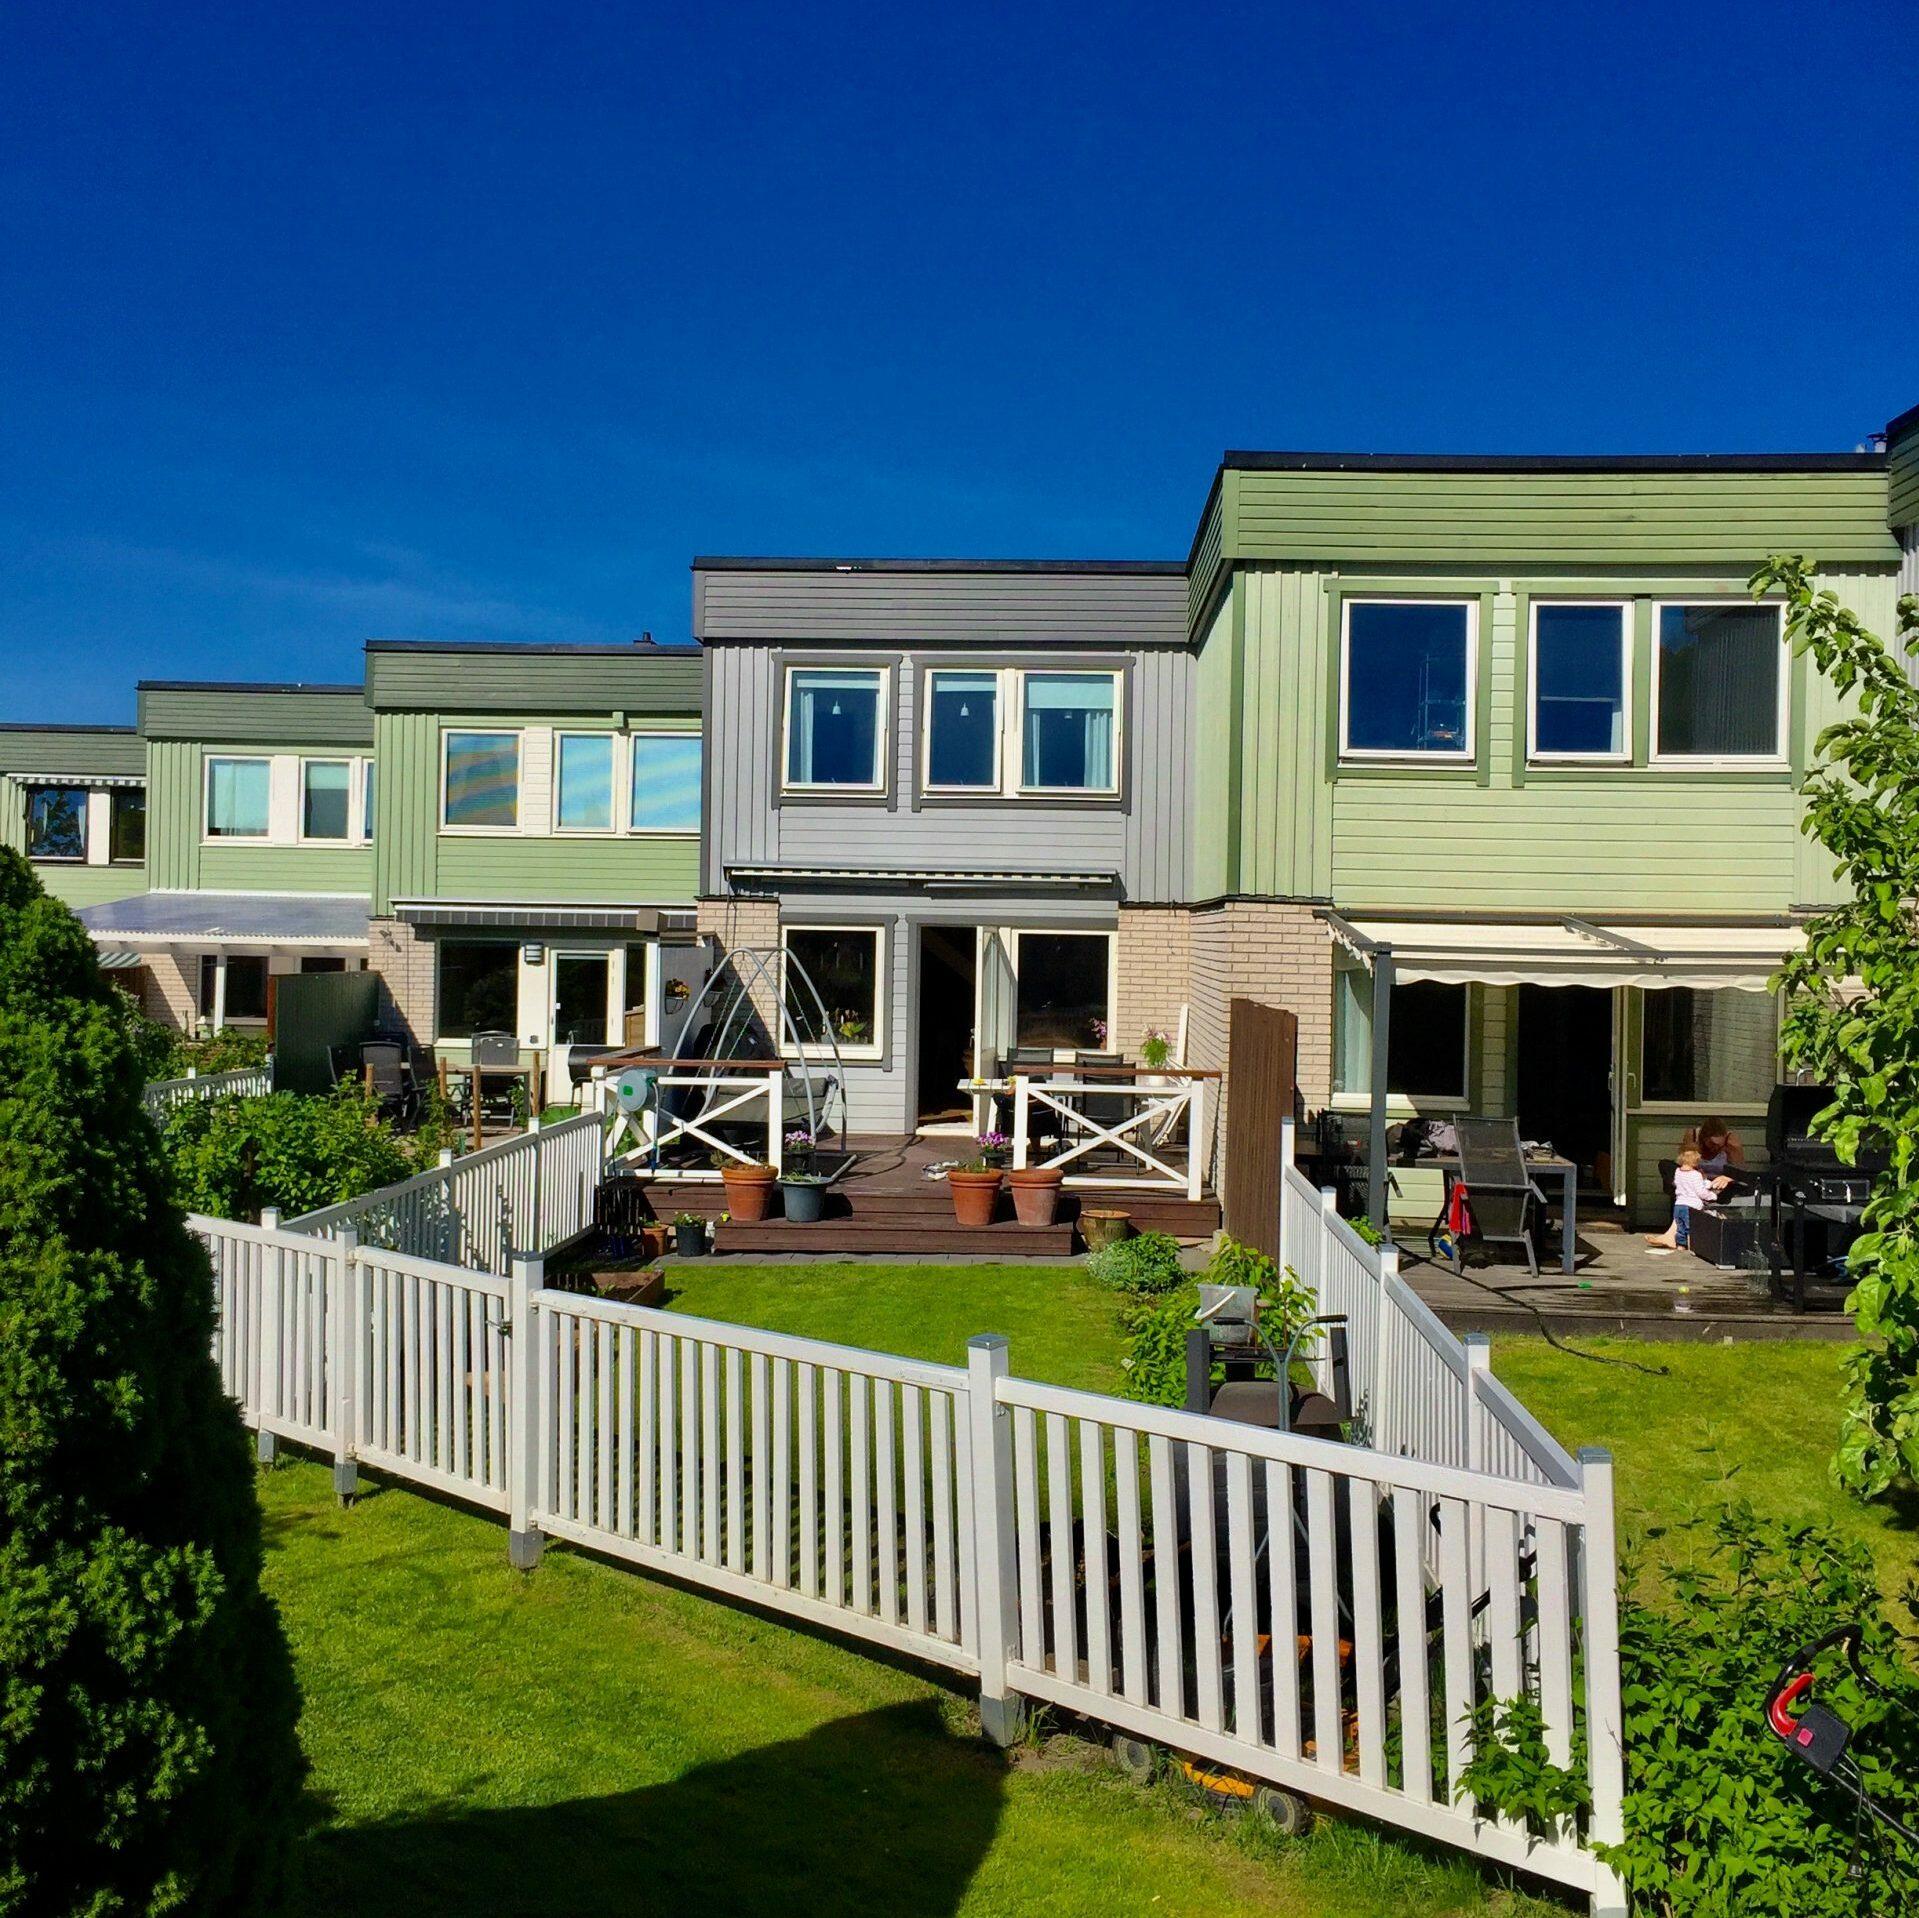 Måla om huset, villan, bostadsrättsföreningen el. lägenheten nu i vår eller sommar